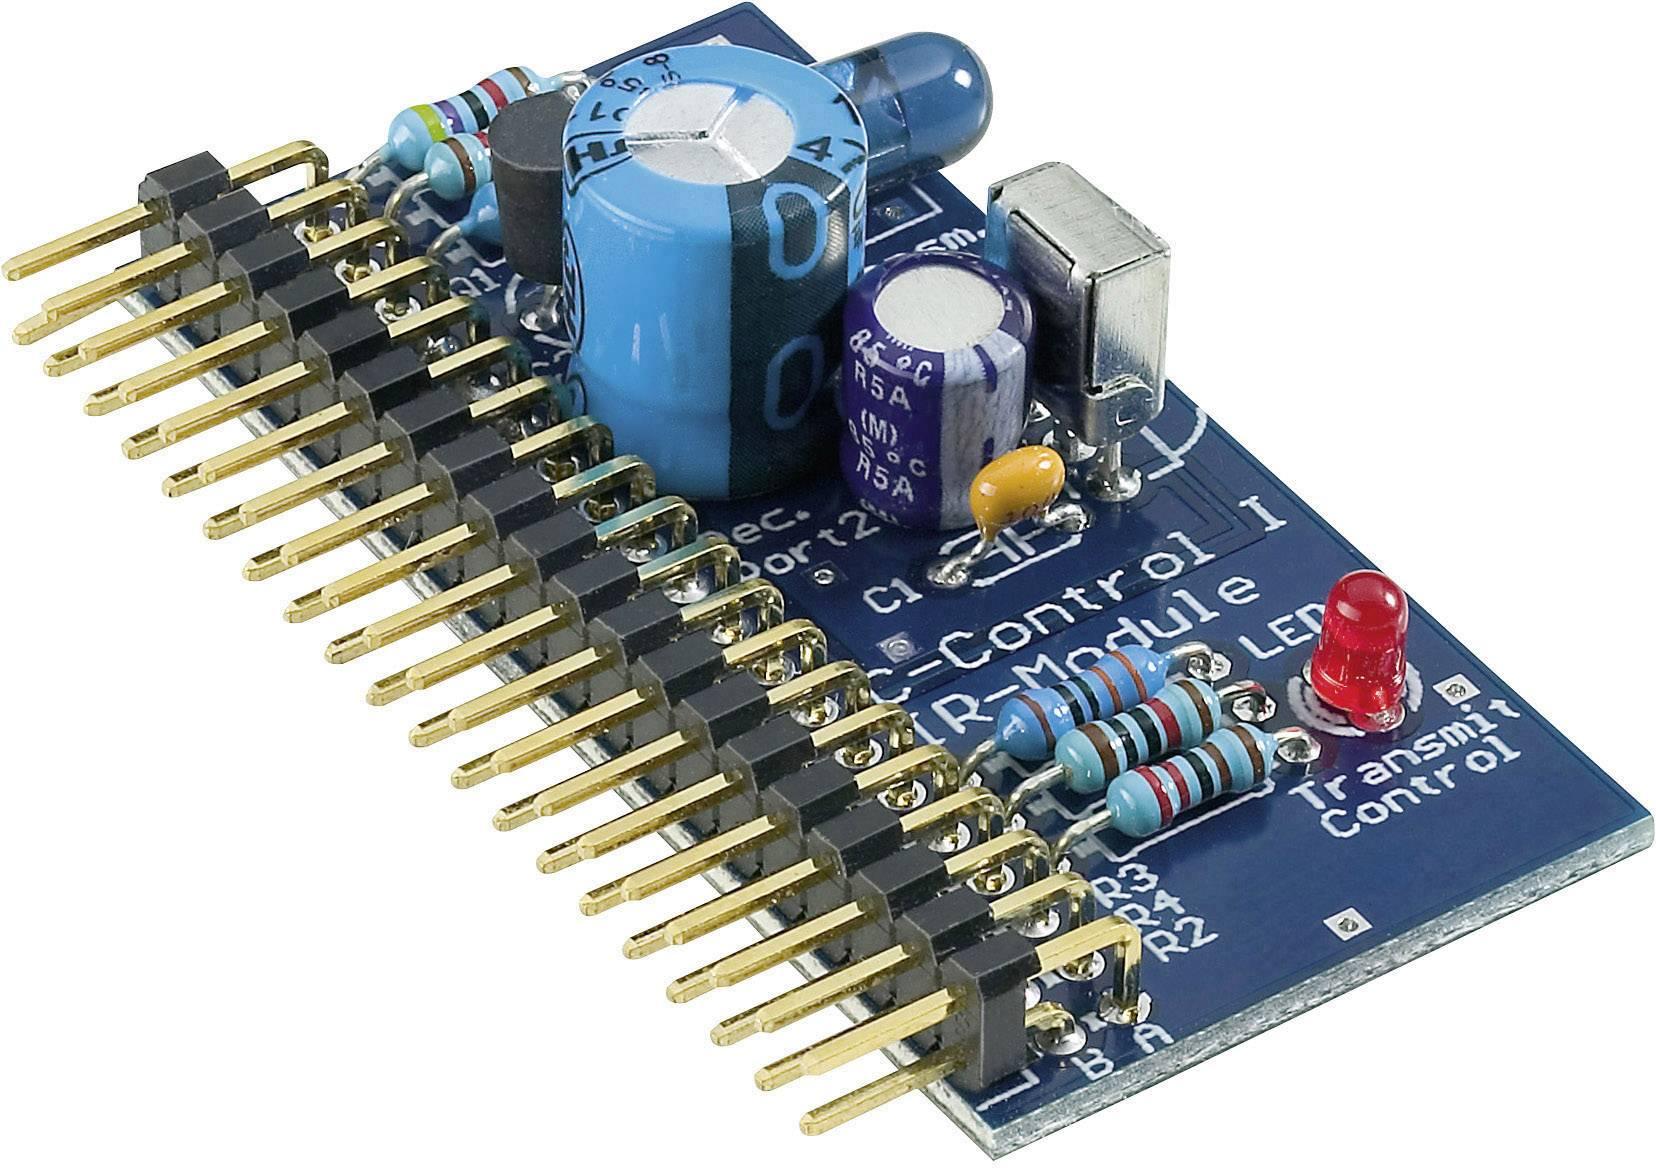 IR vysielač/prijímač pre aplikácie C-Control I